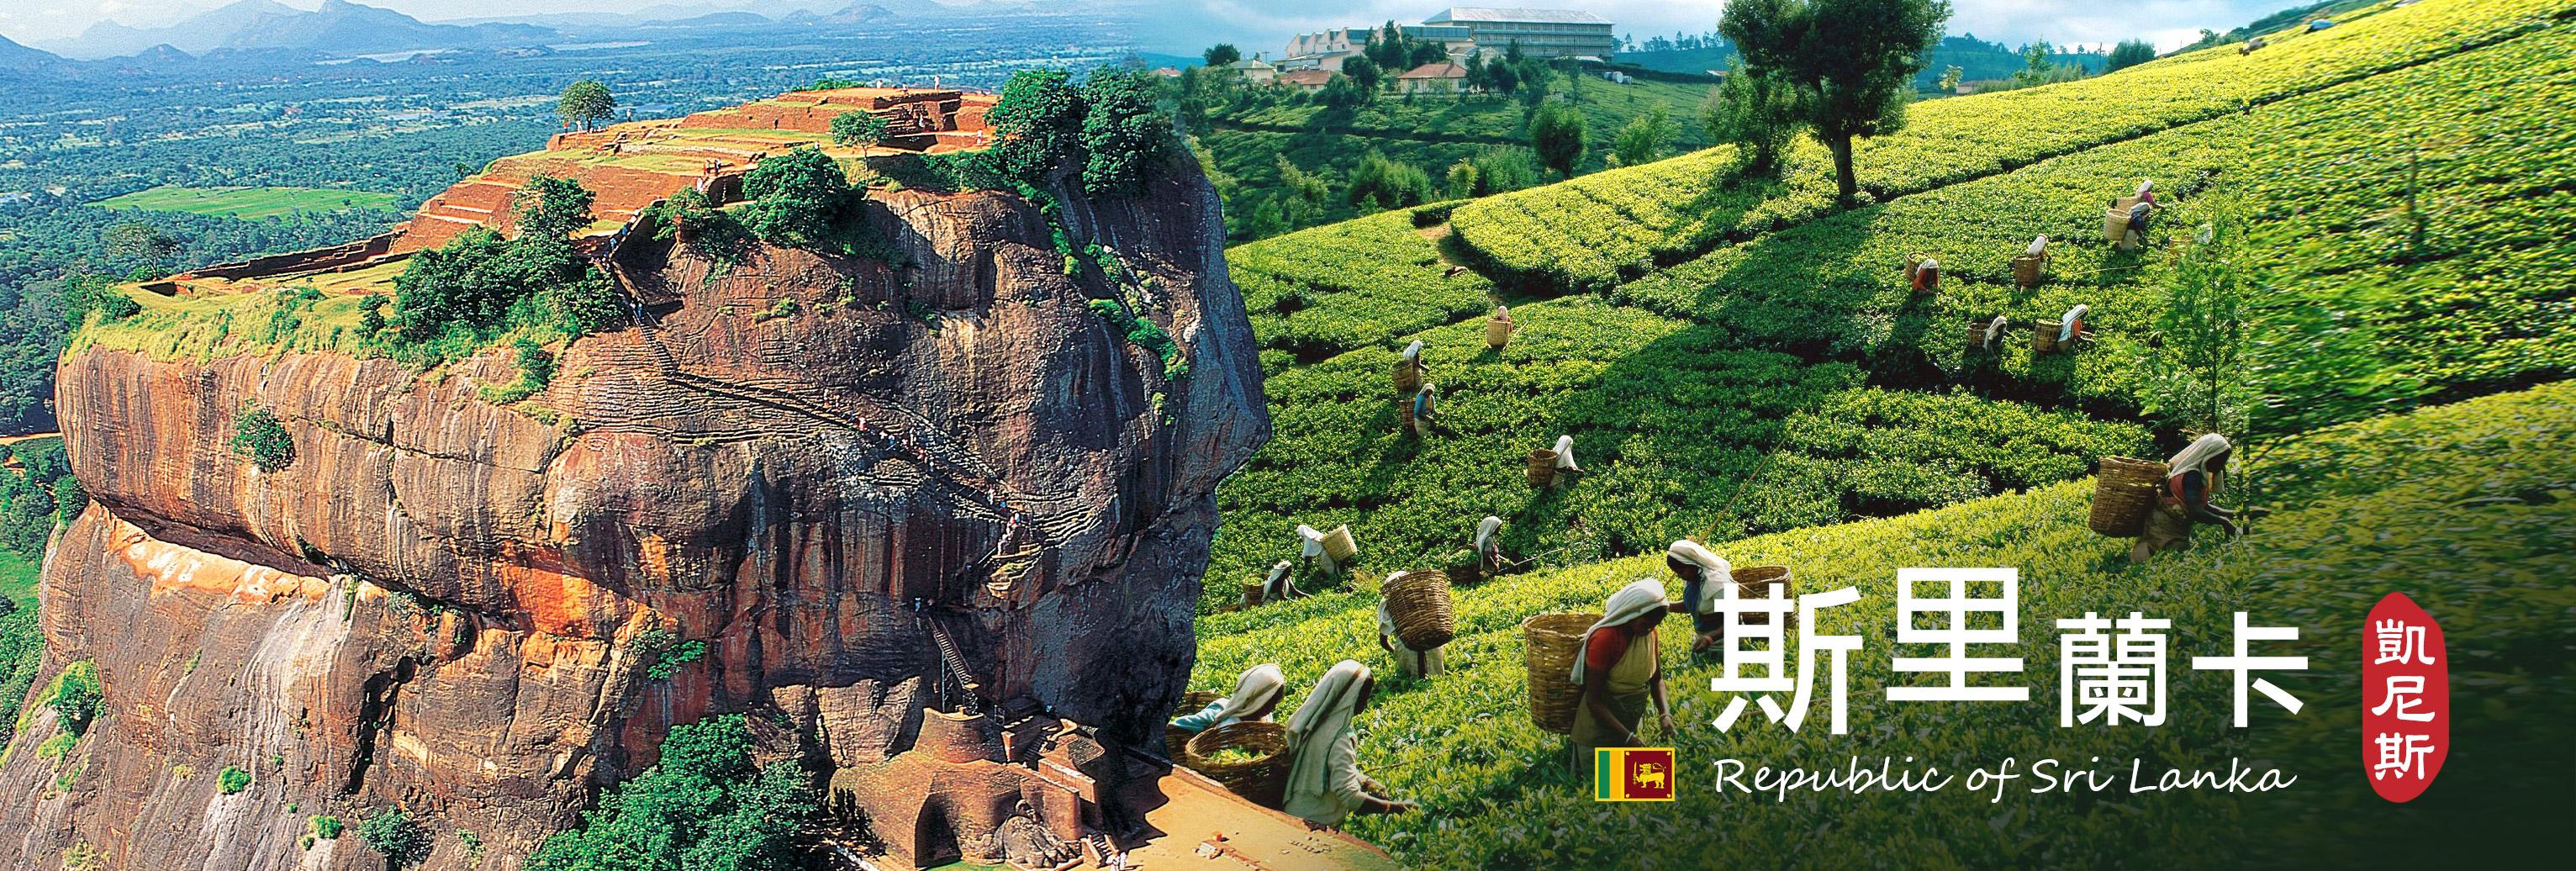 斯里蘭卡旅遊